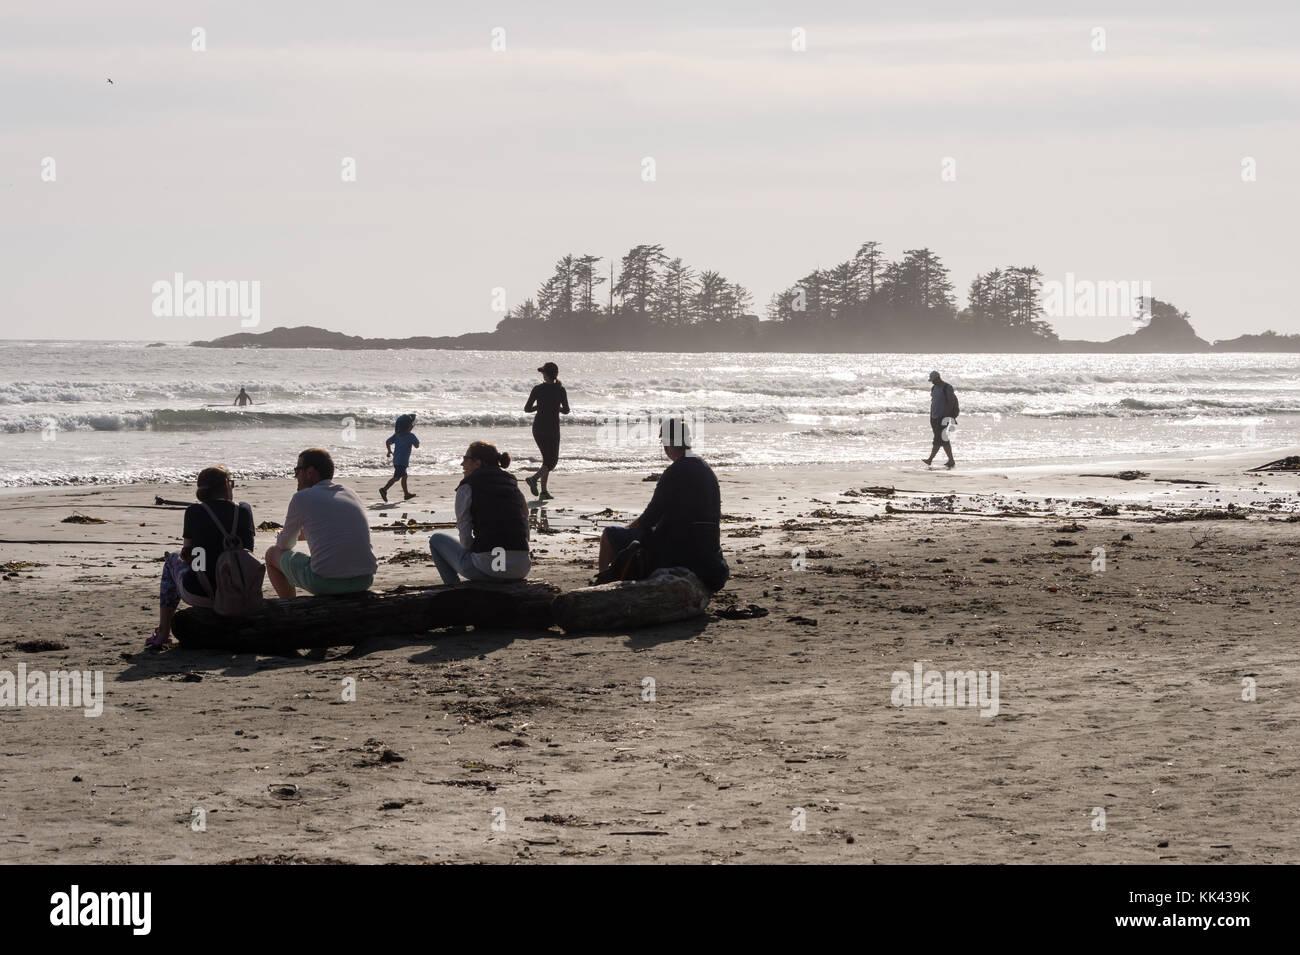 Chesterman beach cerca de Tofino, BC, Canadá (septiembre 2017) - Familia sentados en troncos de madera. Imagen De Stock